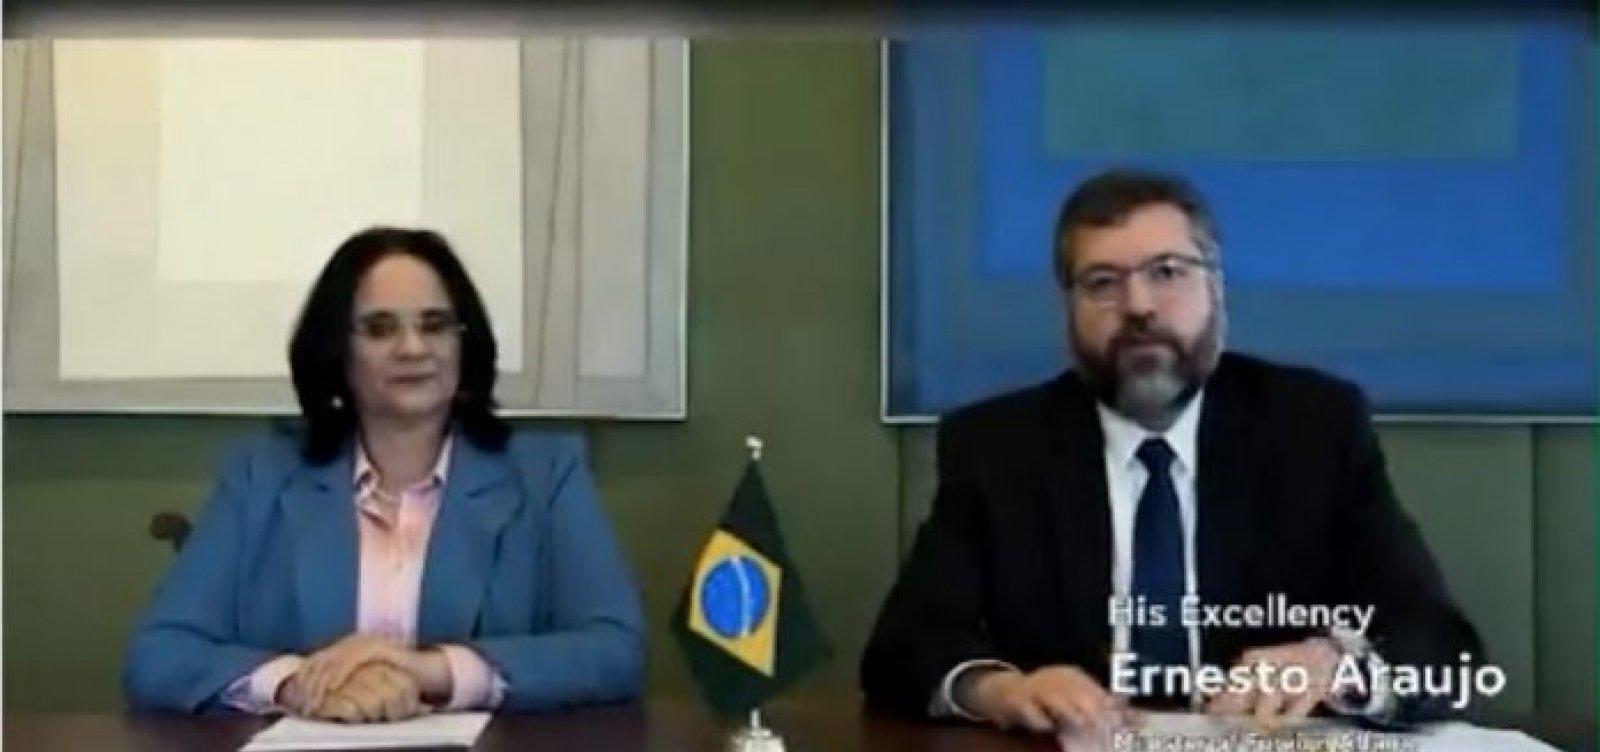 Brasil se une a países conservadores e assina declaração internacional contra o aborto